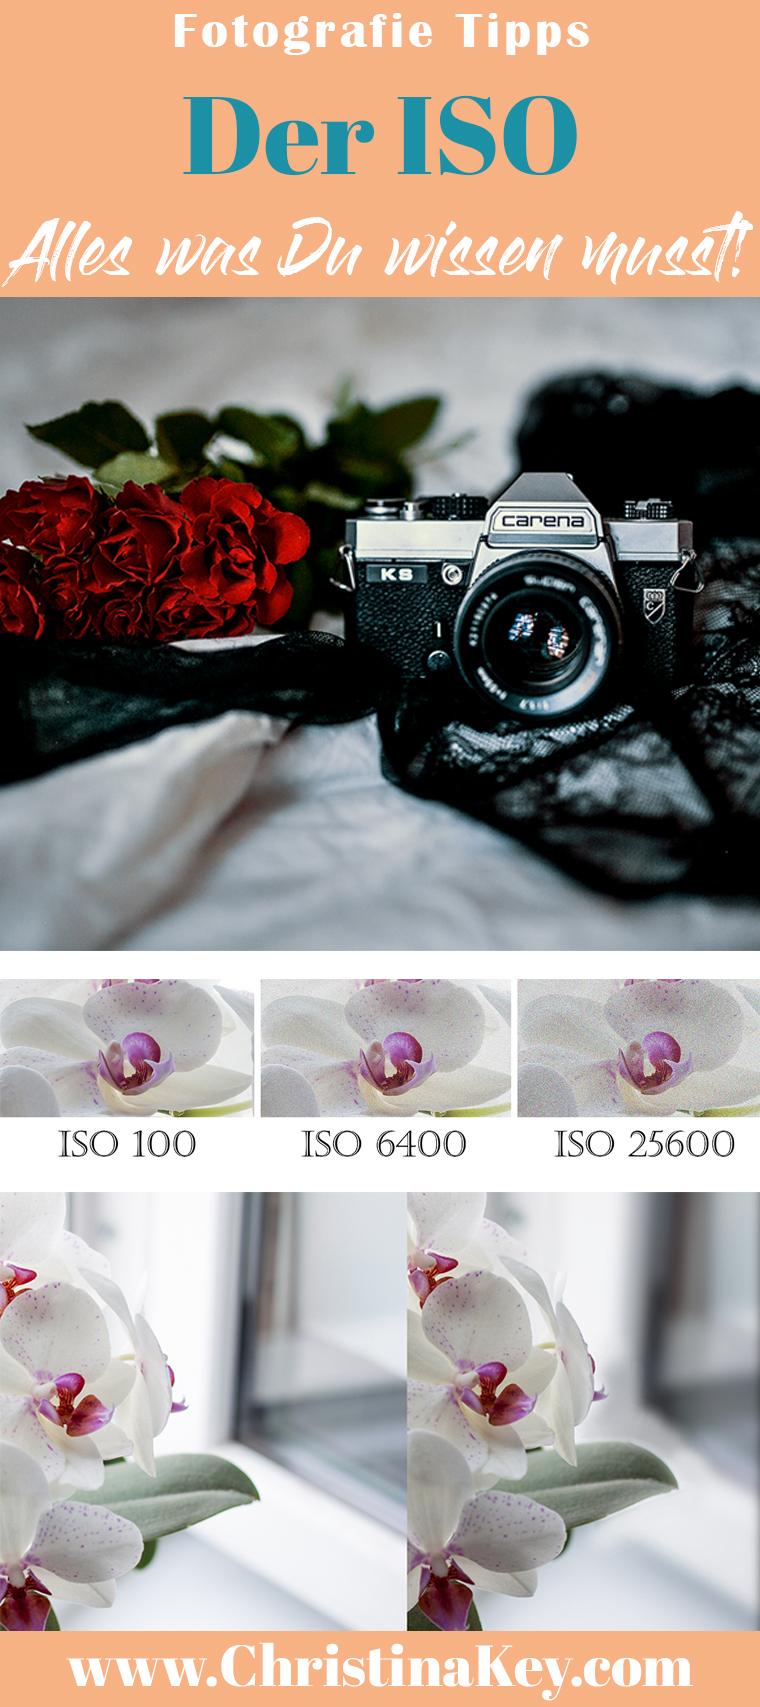 ISO Fotografie Tipps